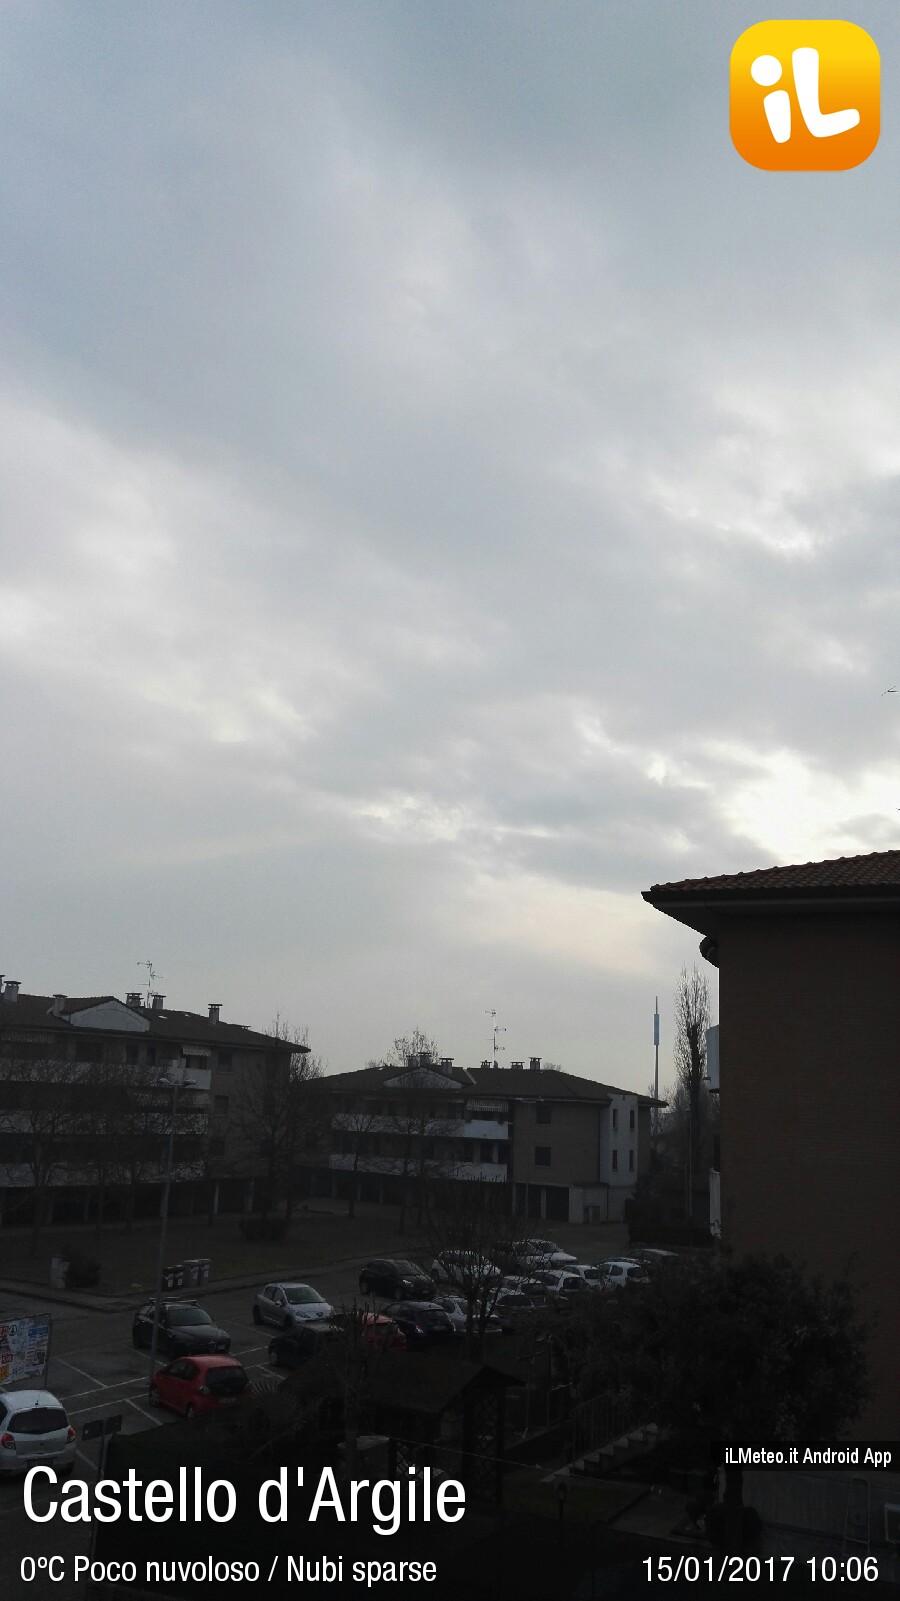 Foto meteo castello d 39 argile castello d 39 argile ore 10 06 - Piscina a castello d argile ...